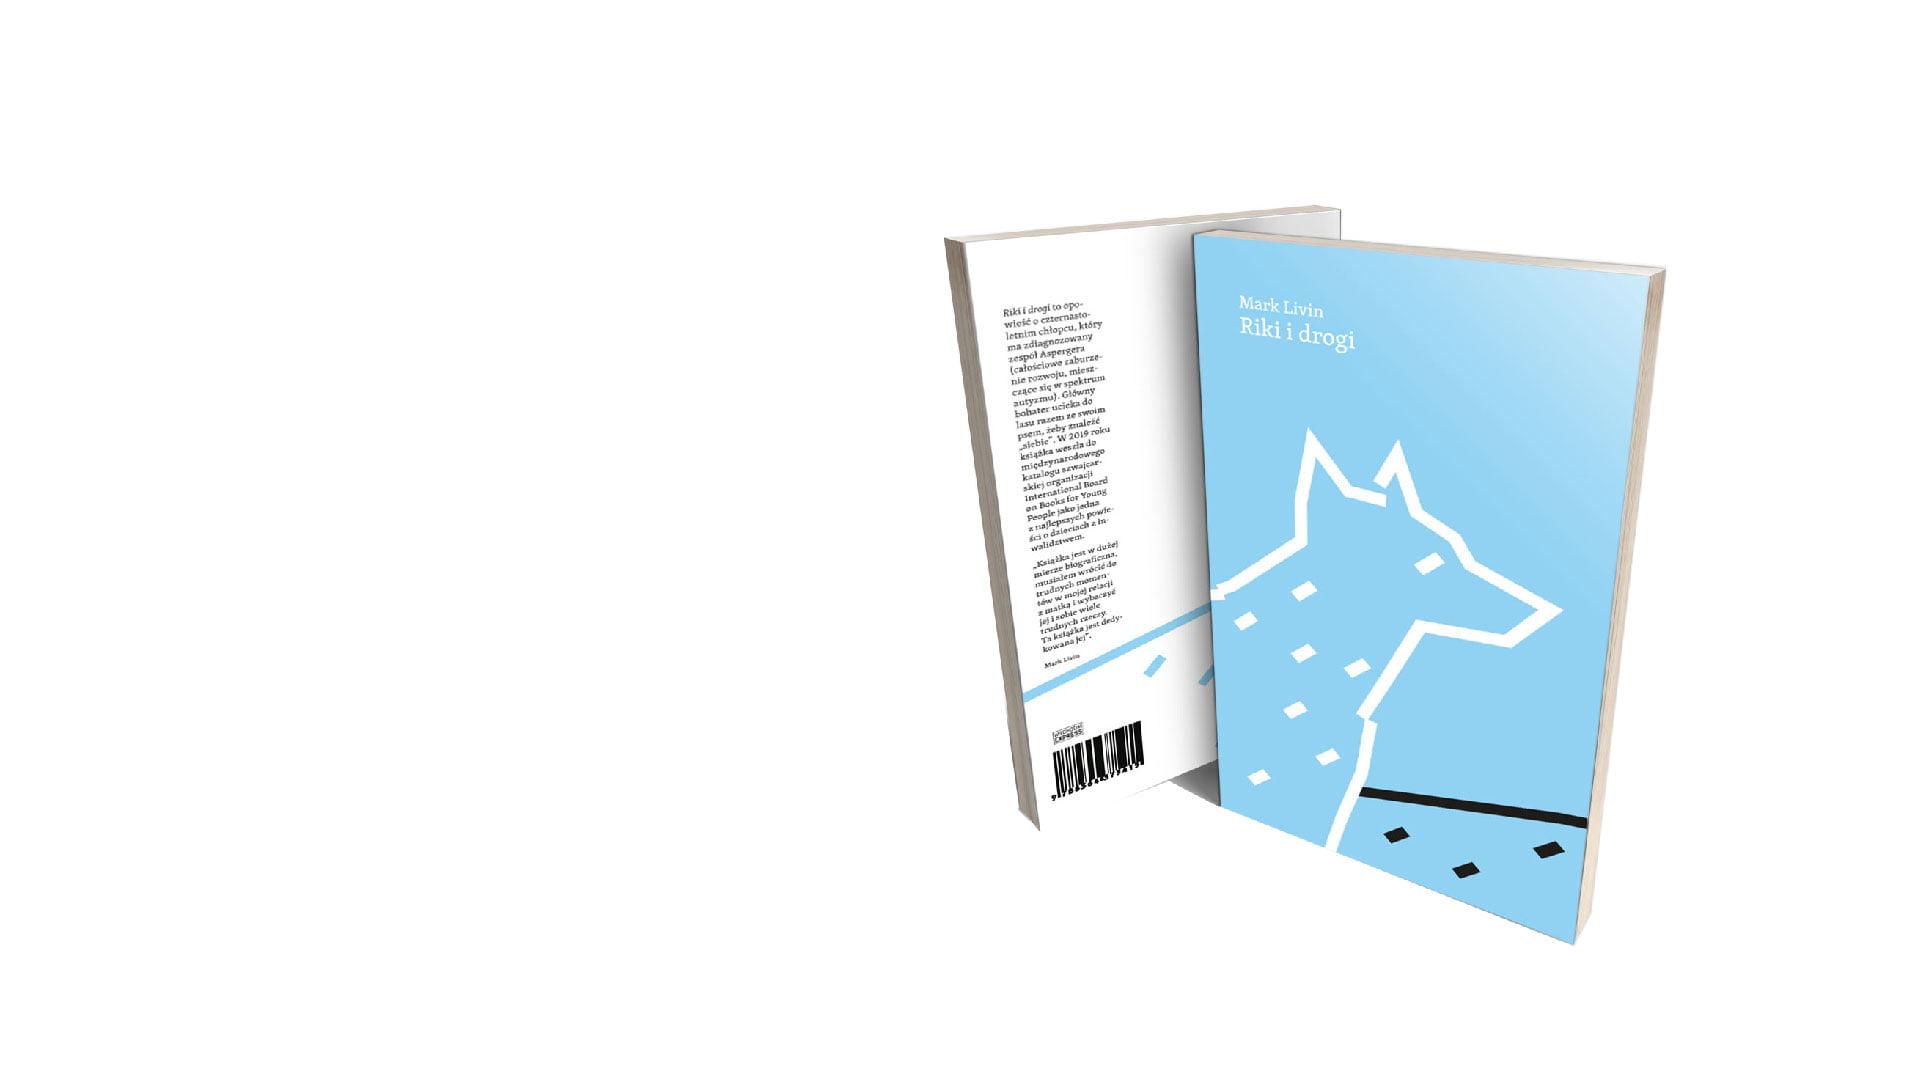 zdjęcie przedstawia błękitną okładkę książki Riki i Drogi: biały kontur psa. Pies stoi na czarnej drodze i patrzy przed siebie.